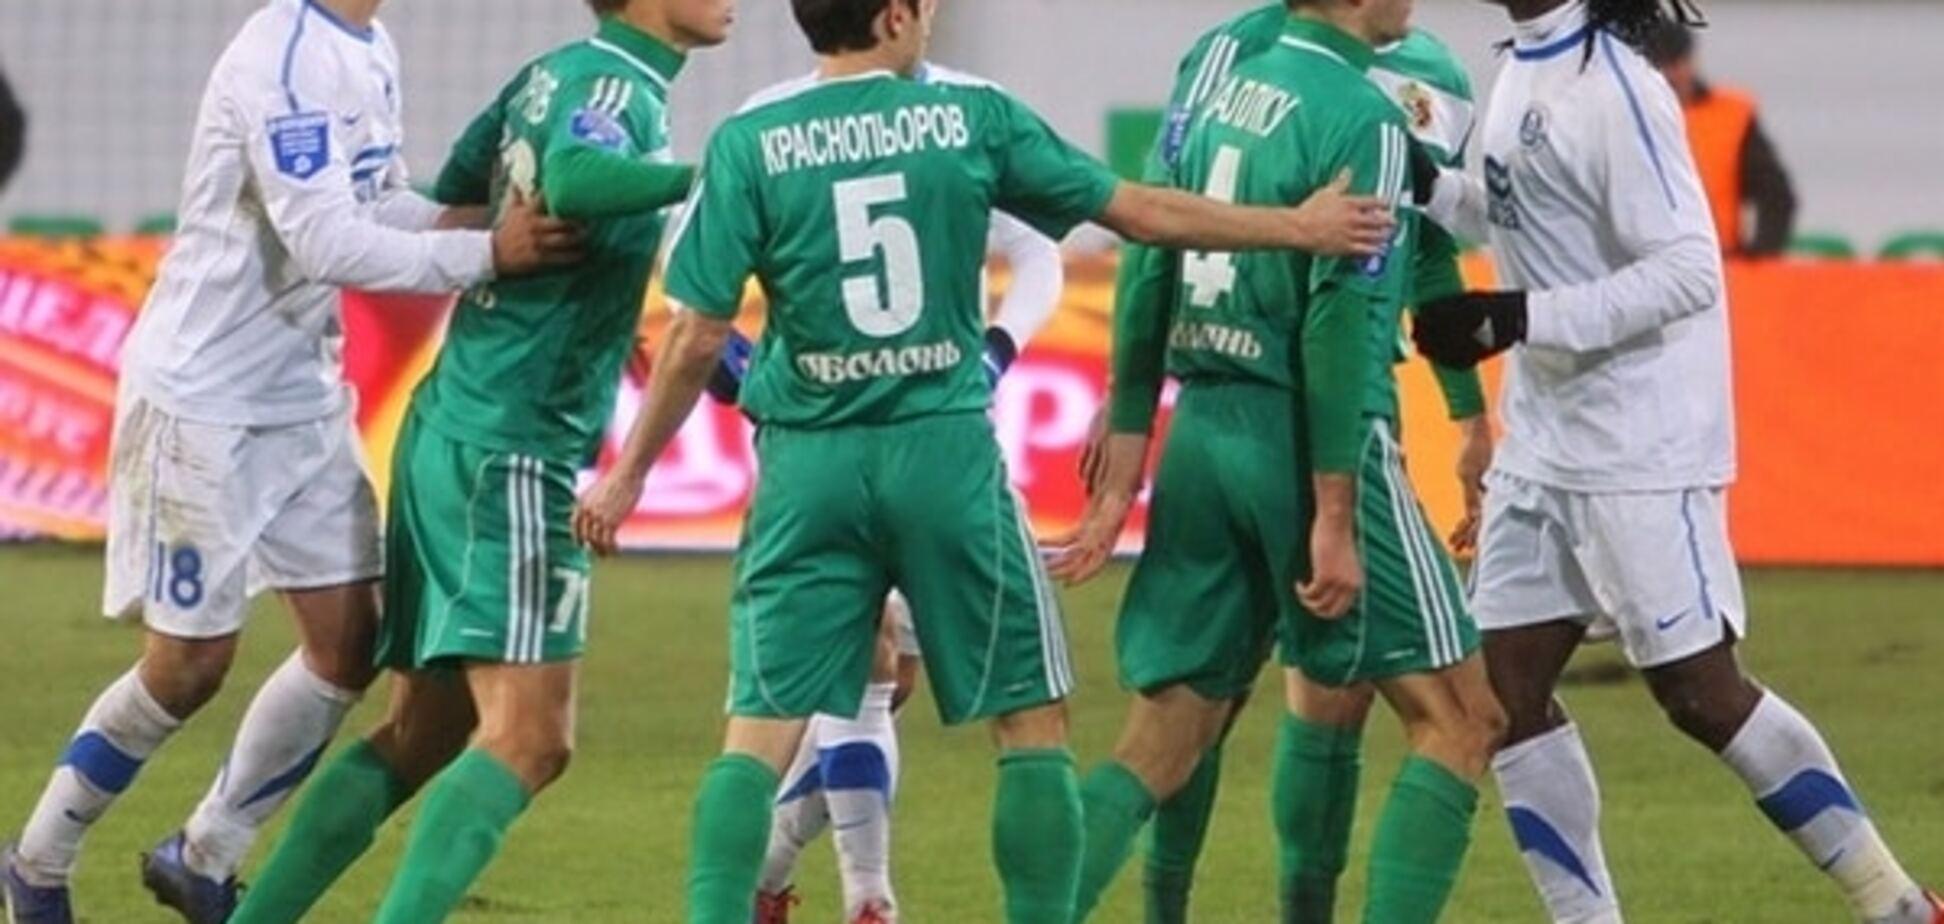 Шесть самых громких расистских скандалов в украинском футболе